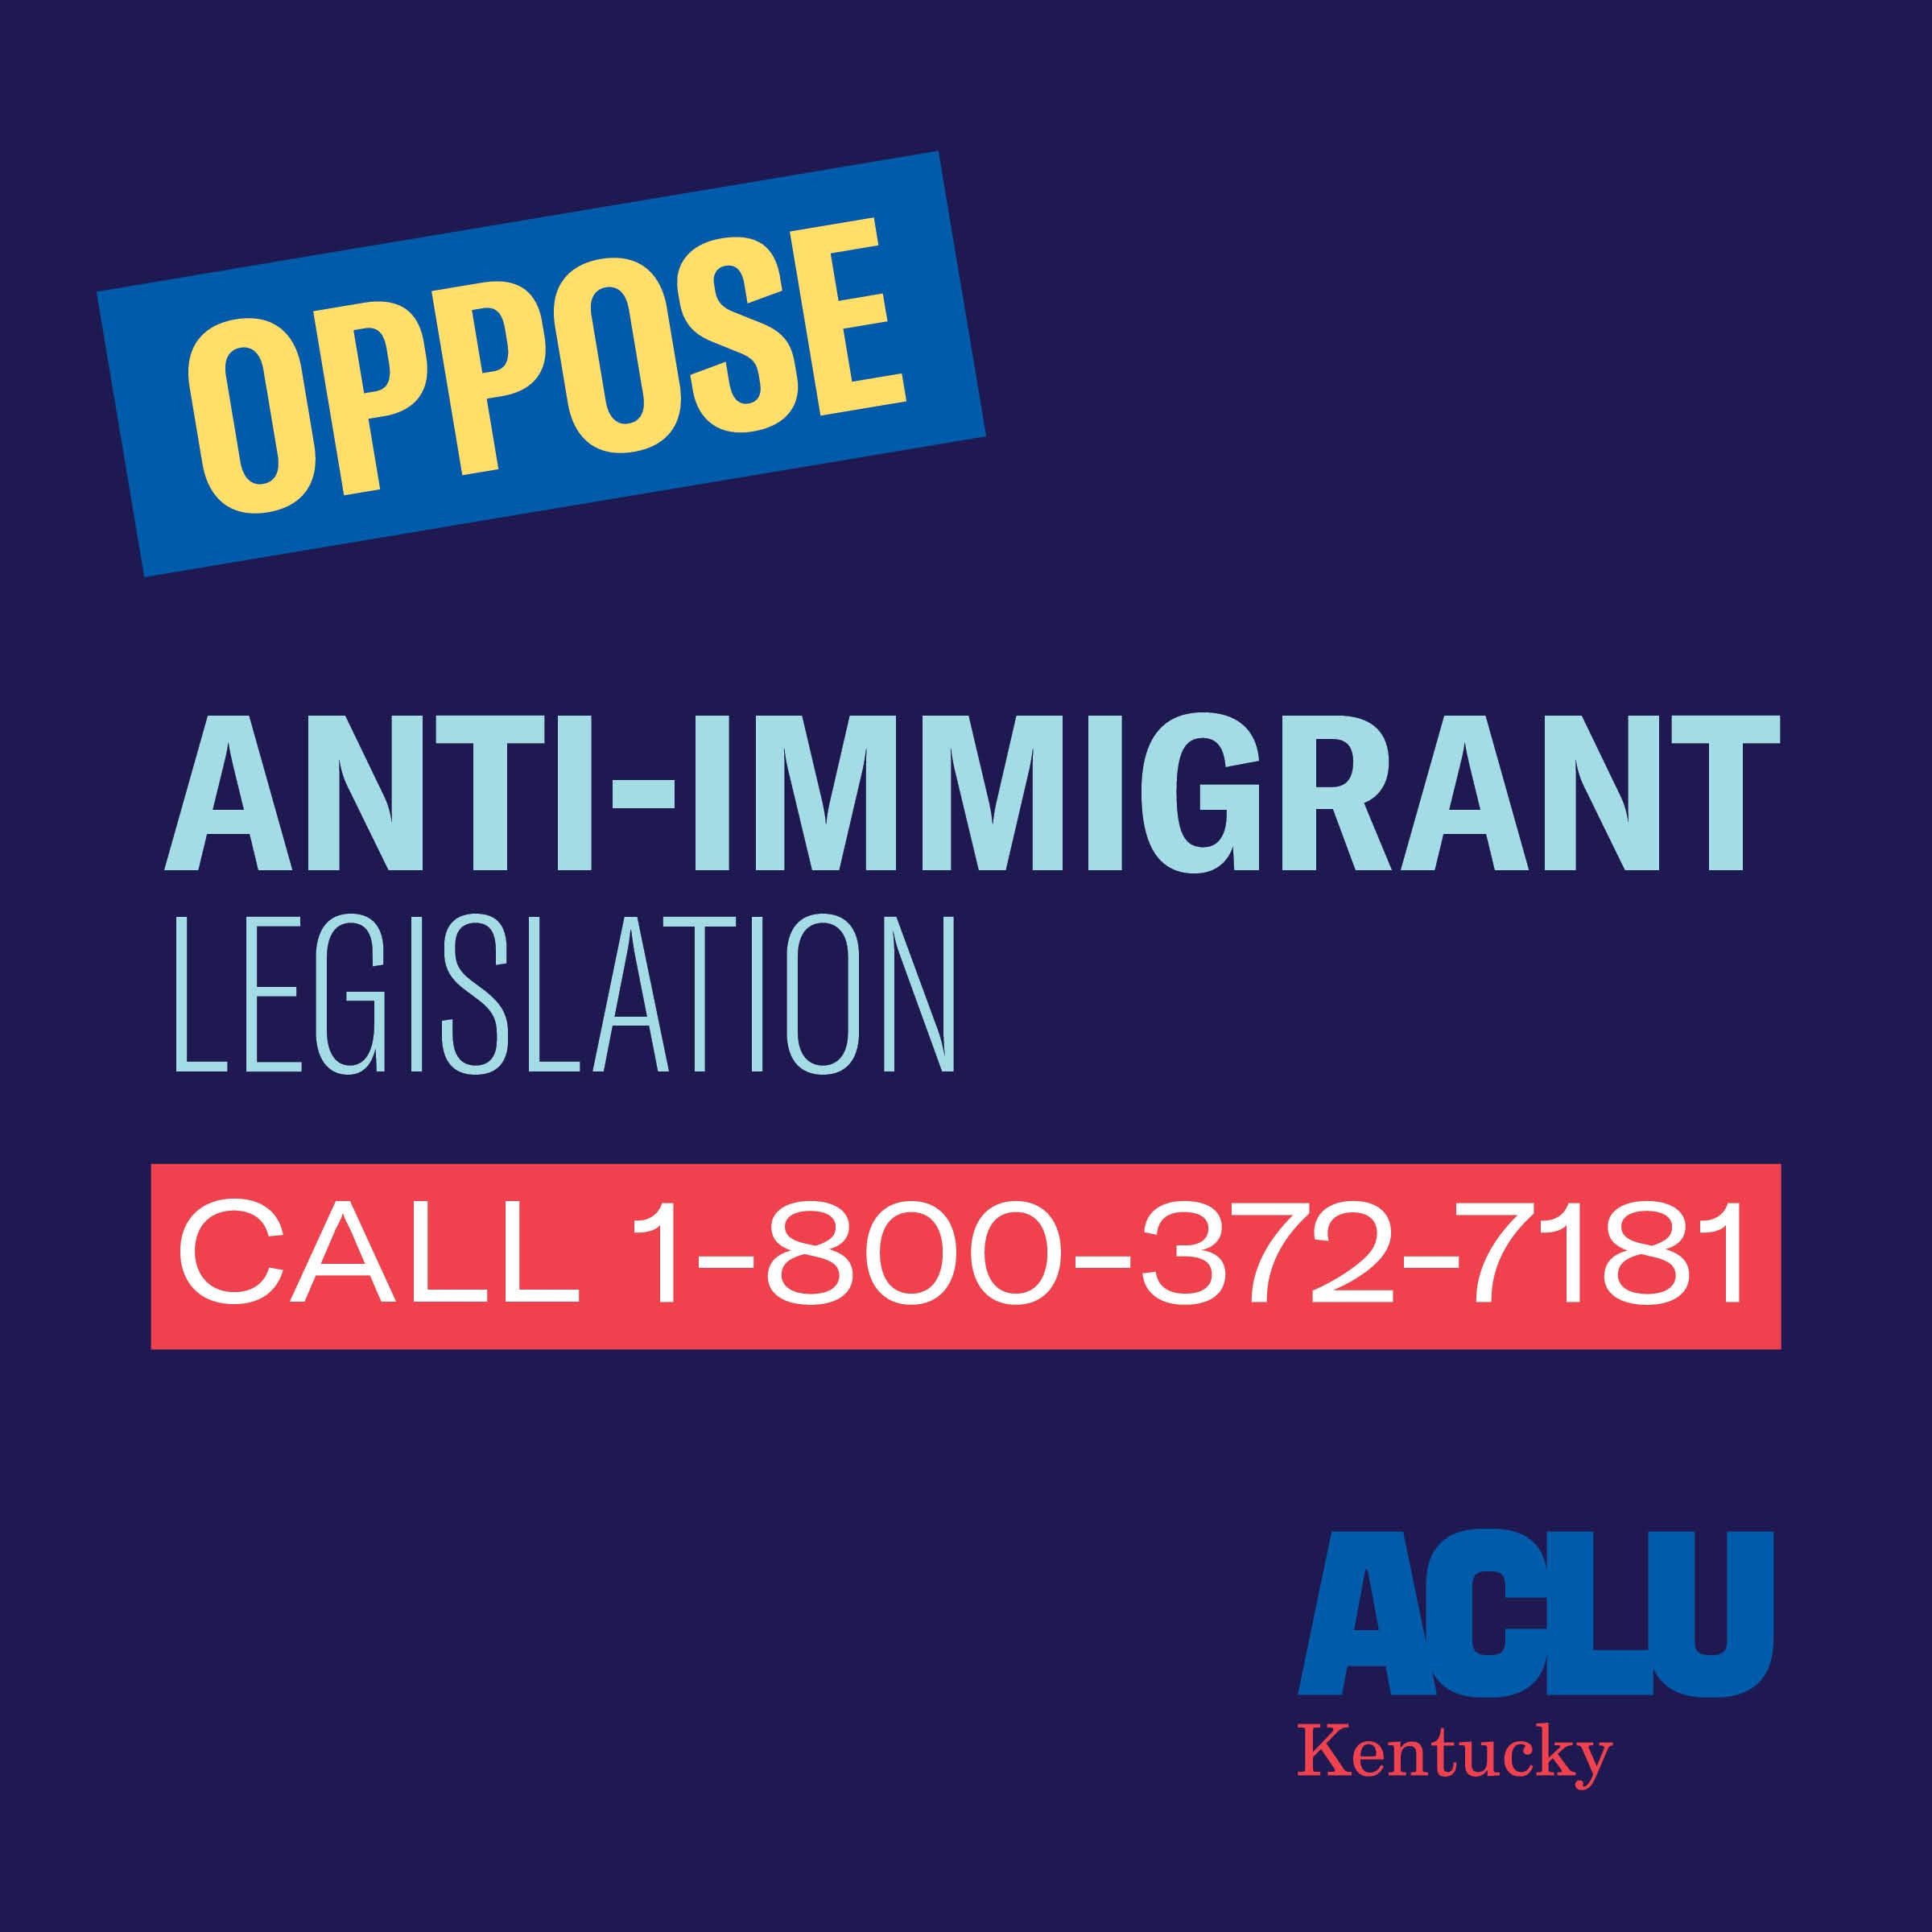 Oppose Anti-Immigrant Legislation